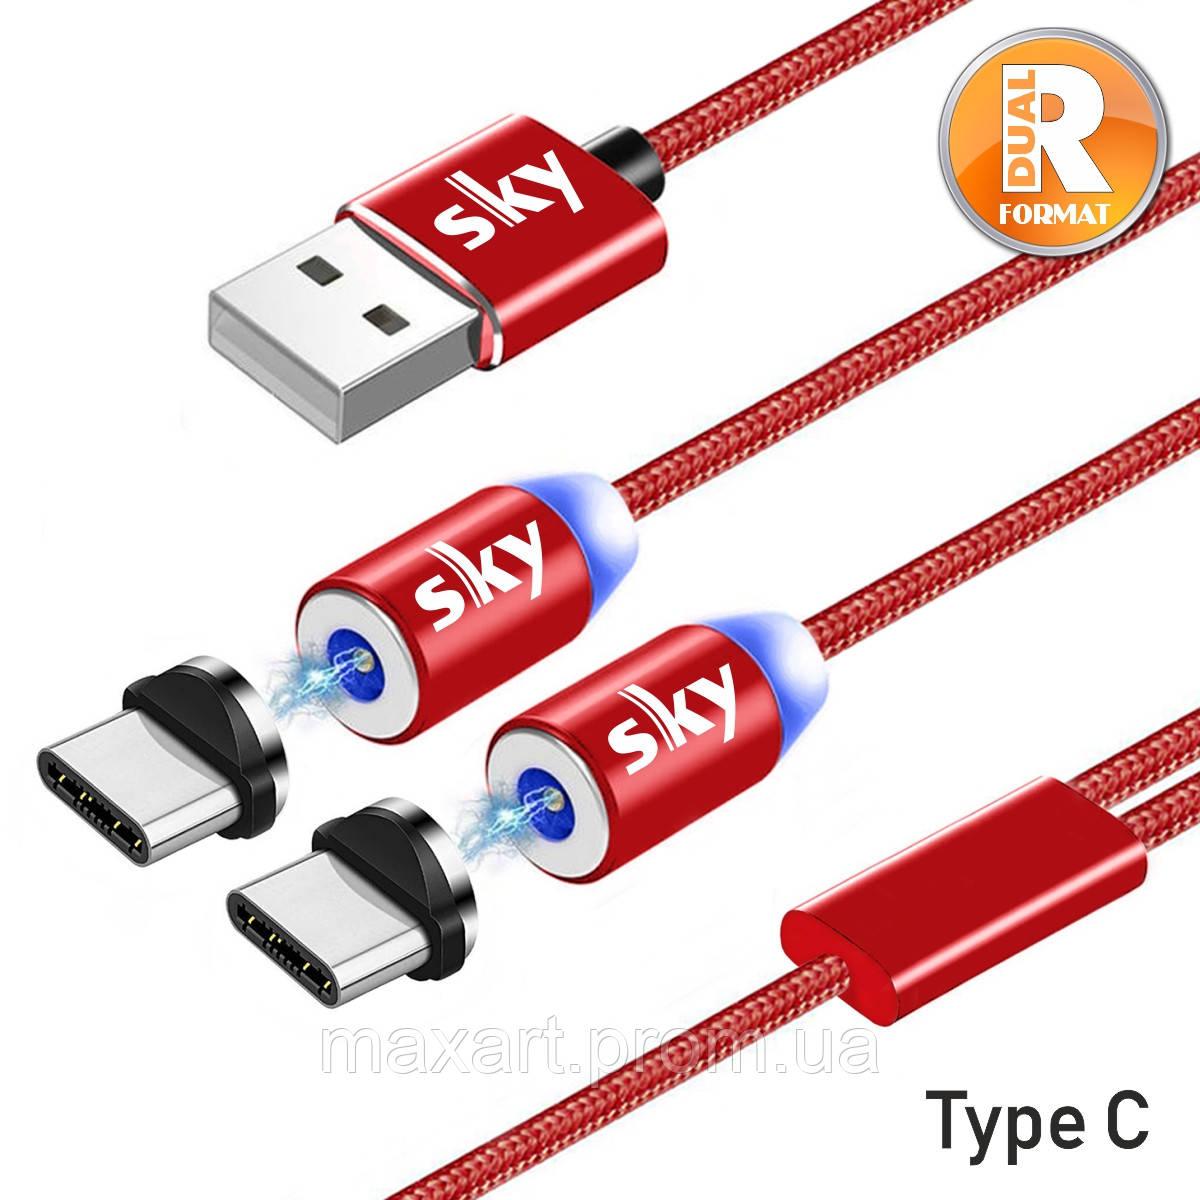 Кабель магнитный USB SKY (R DUAL-line) Type-C (120 см) Red